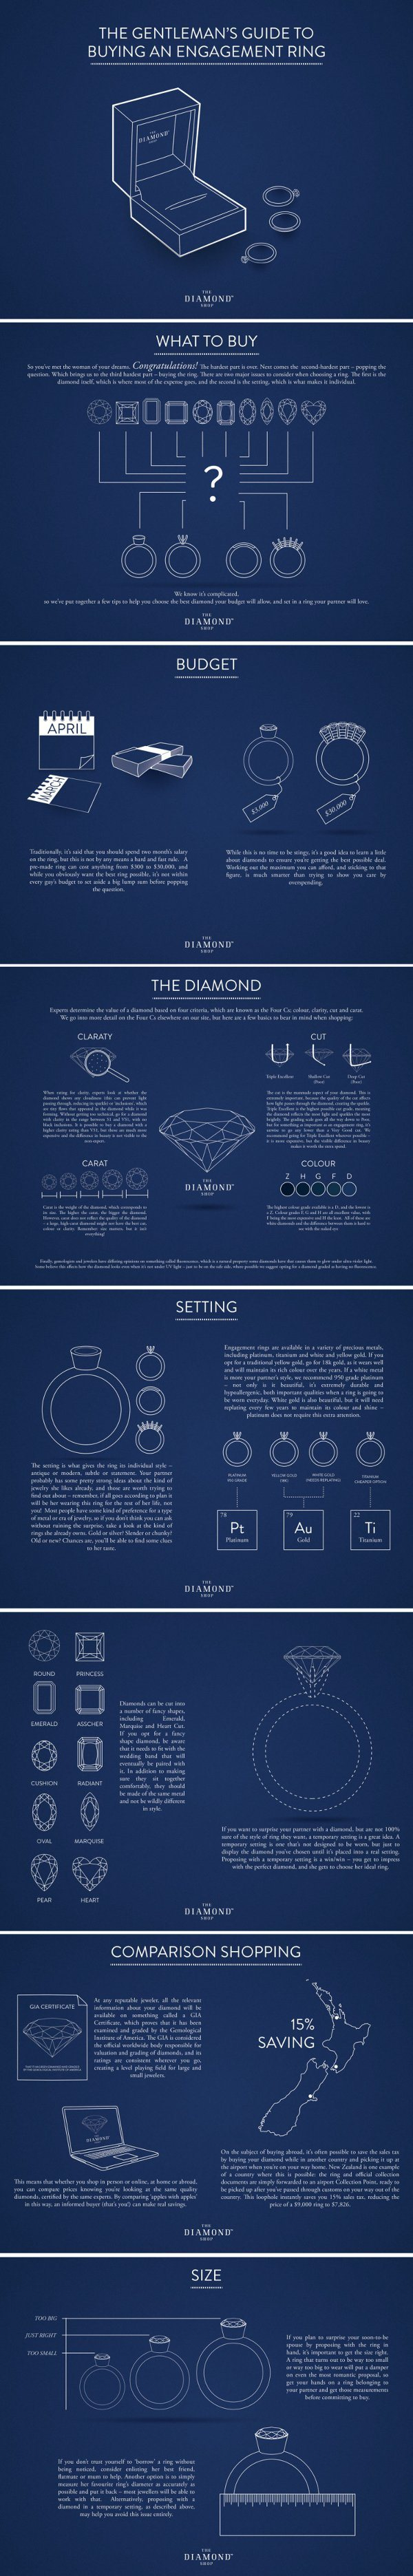 buying-engagement-ring